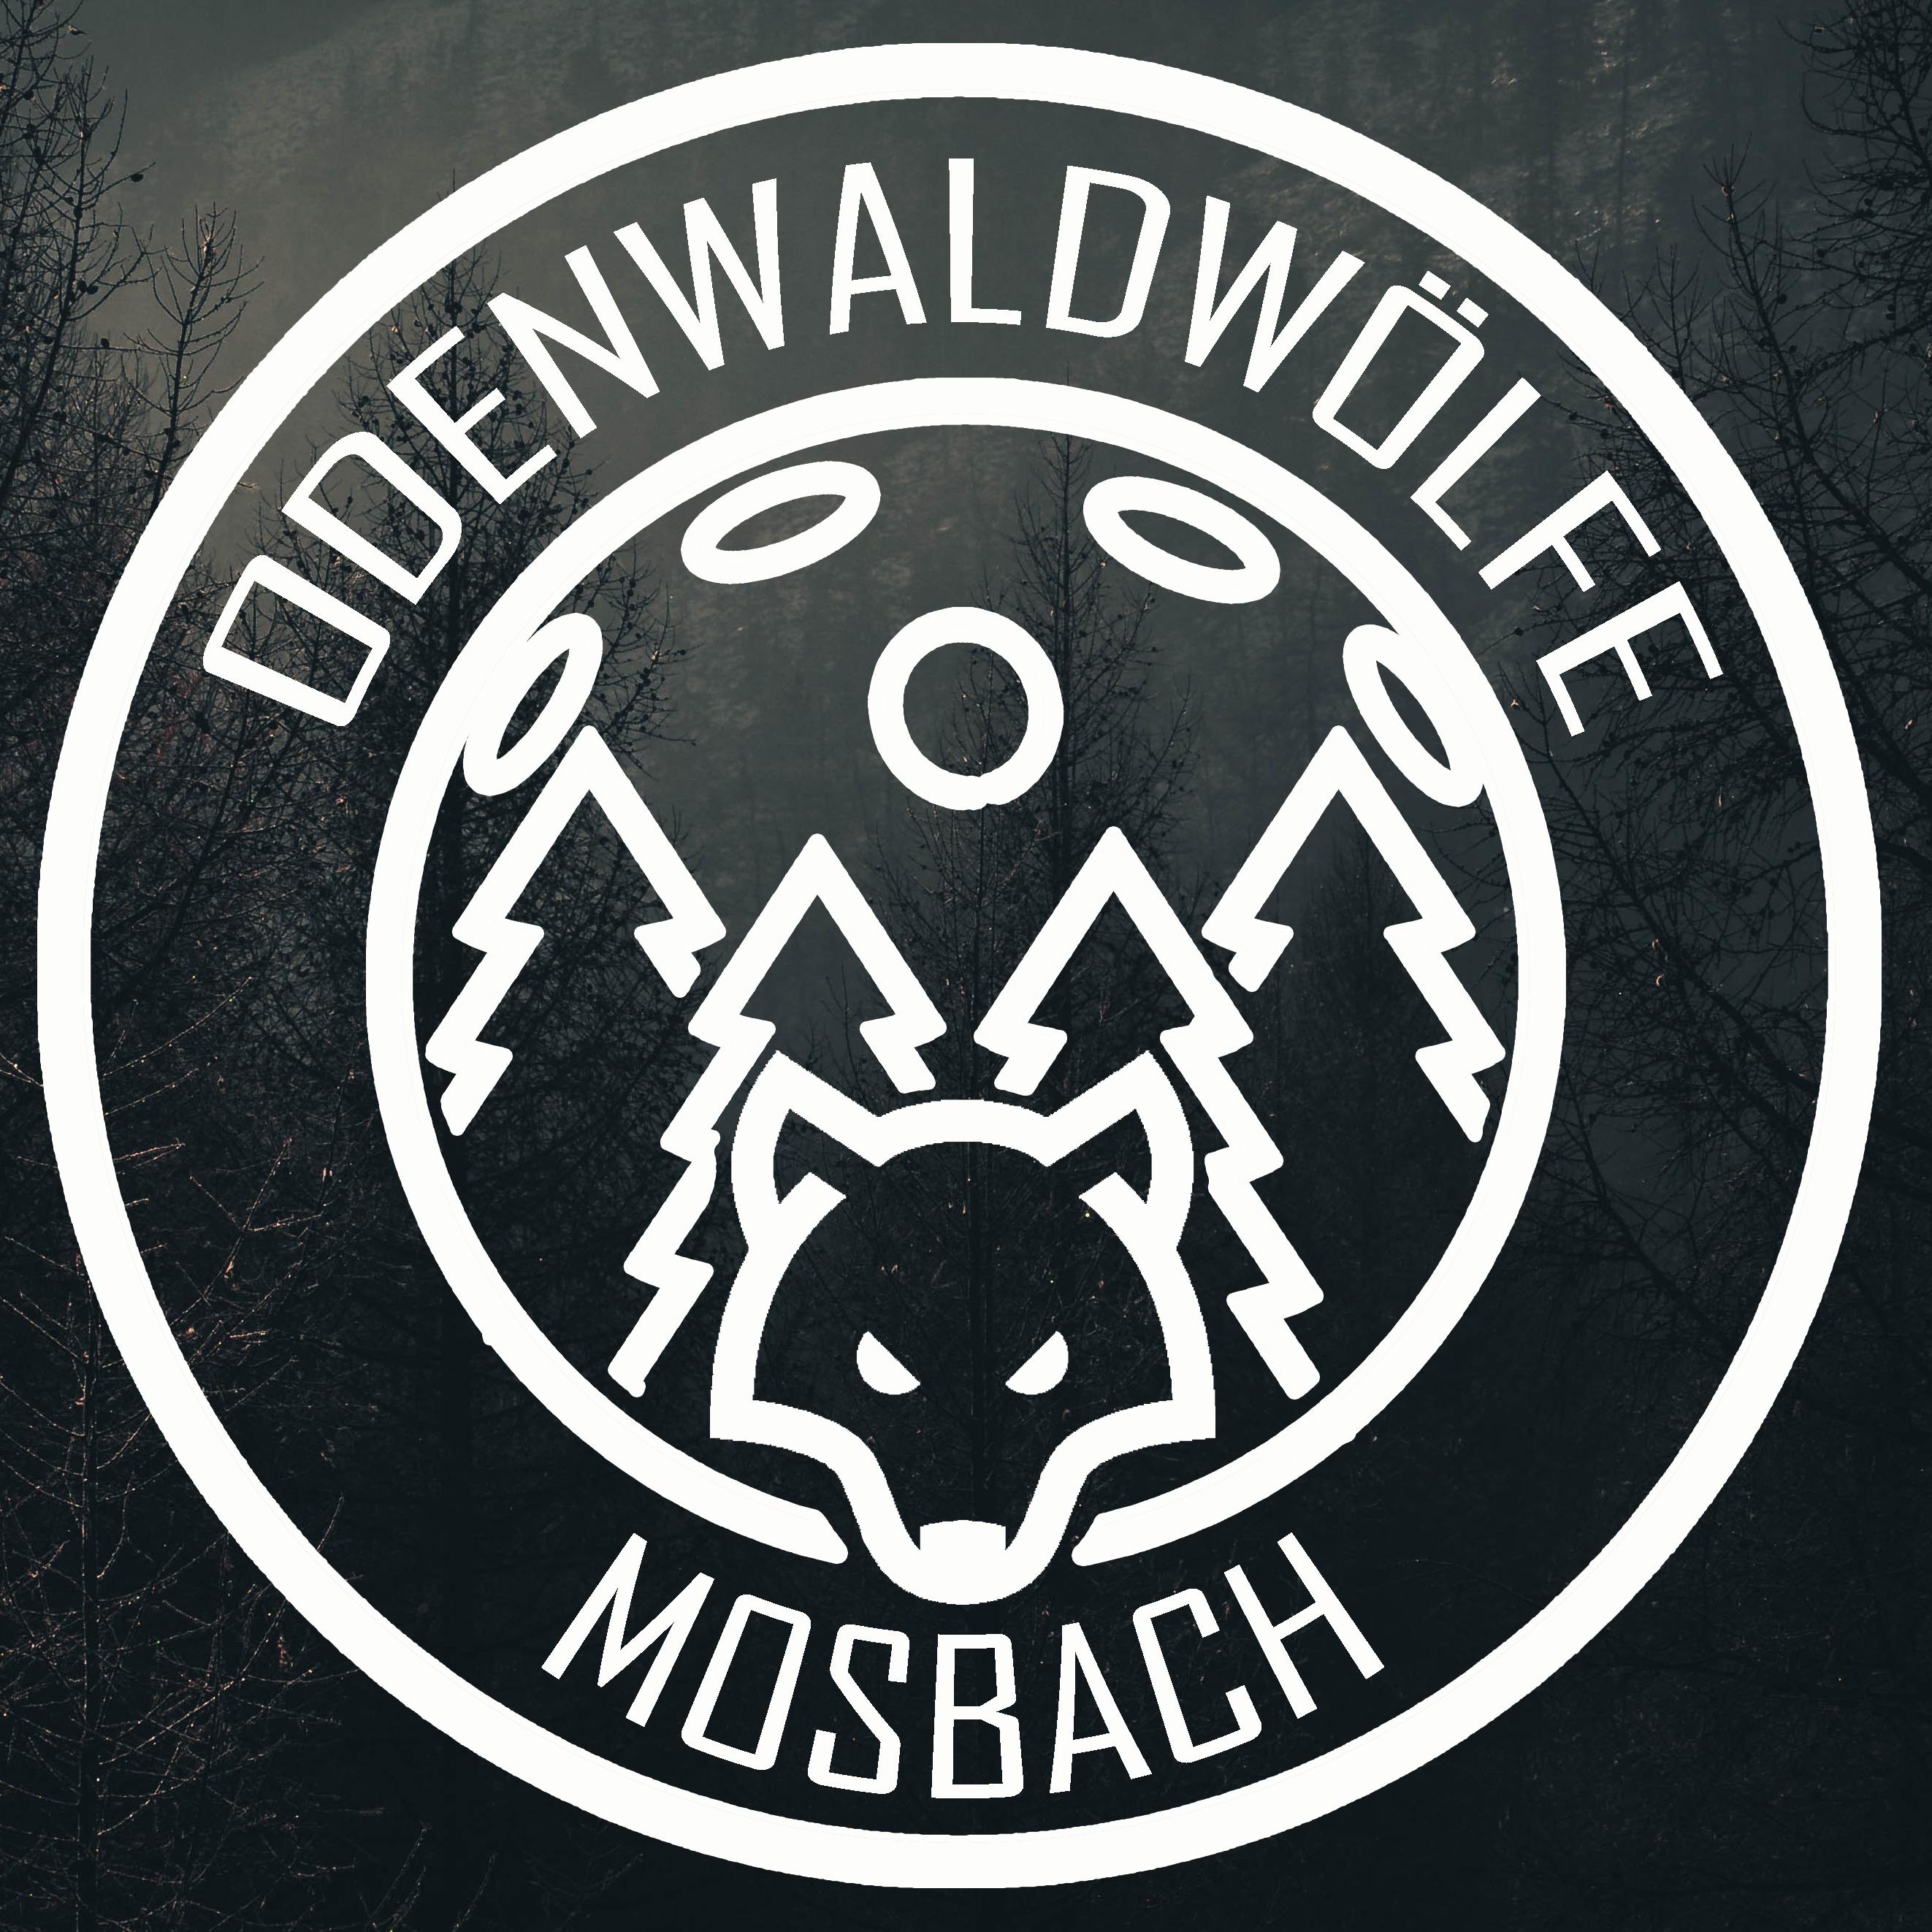 Logo der Odenwaldwölfe Mosbach